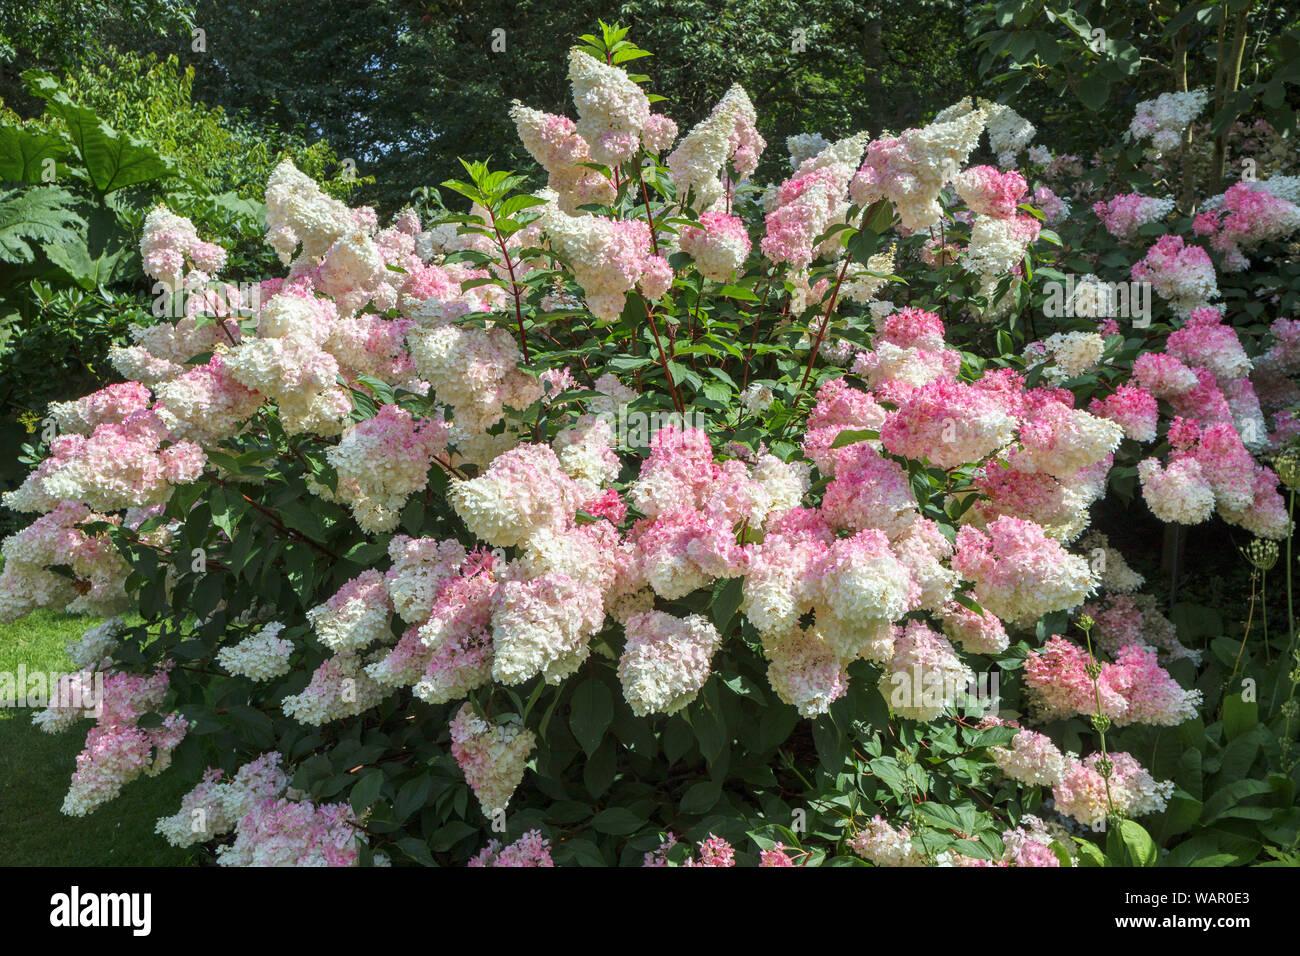 Flowering Pink White Hydrangea Paniculata Photos Flowering Pink